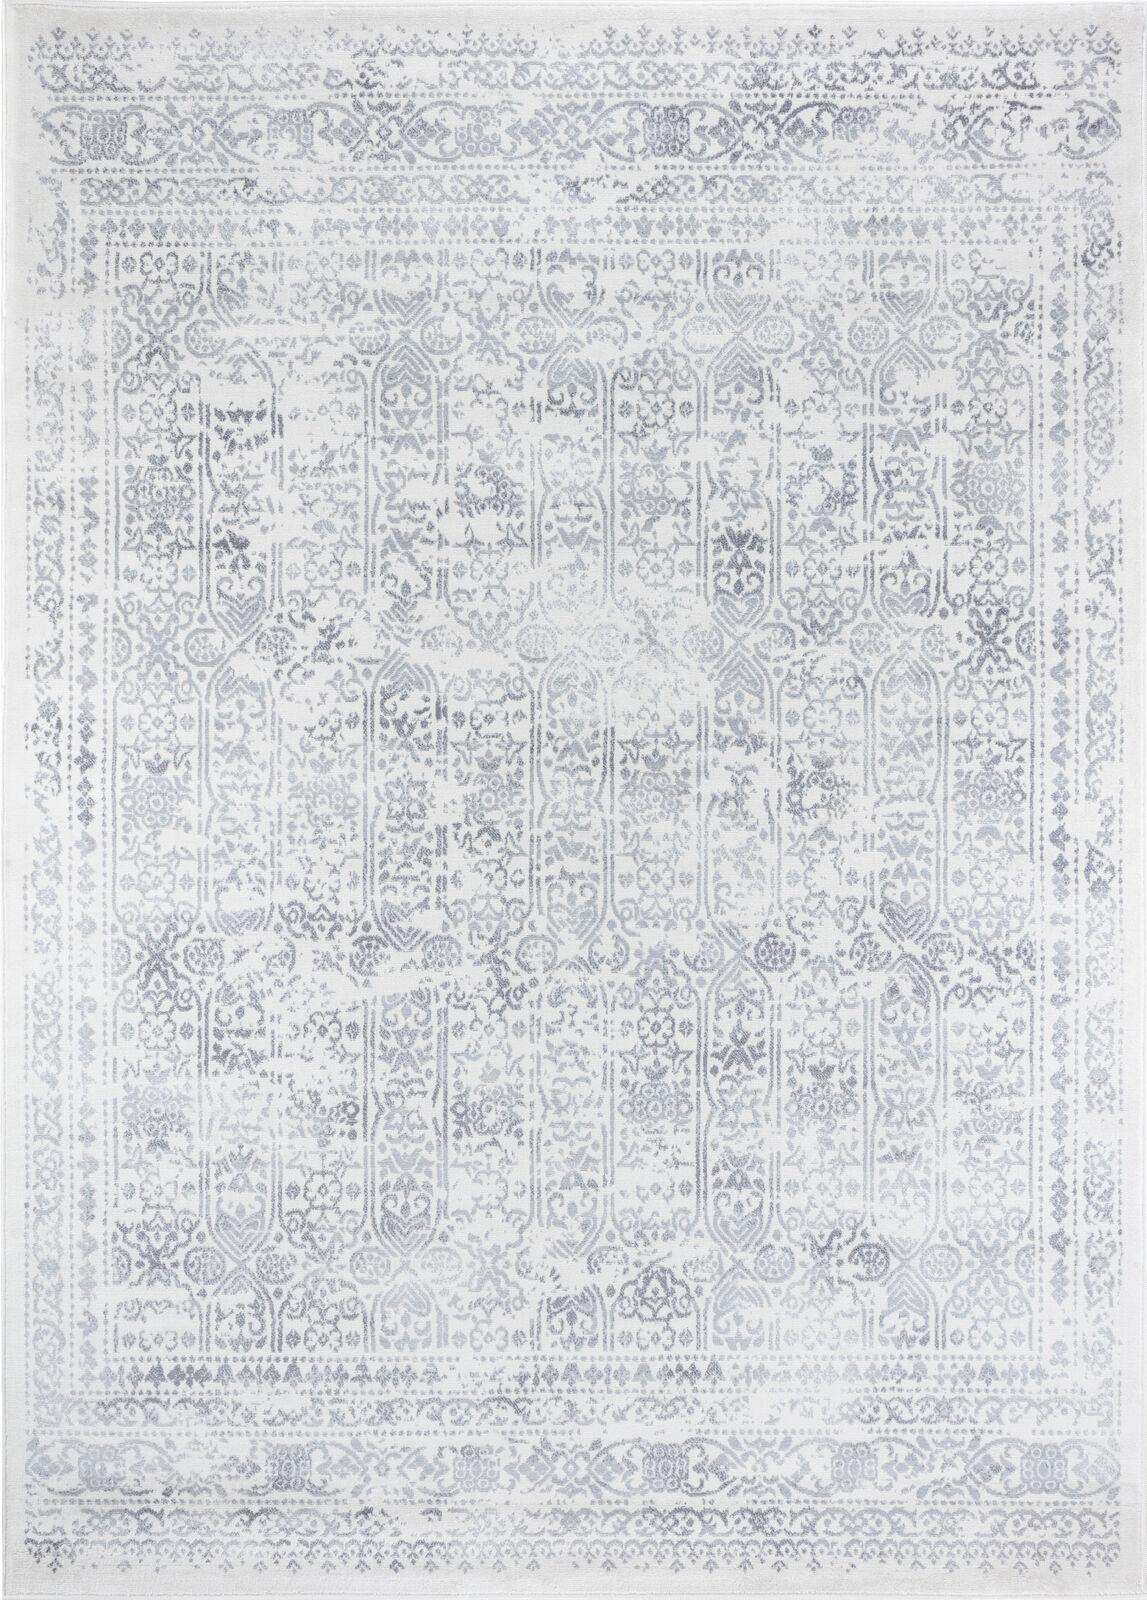 Surya Tapis de salon classique crme et gris 160x216